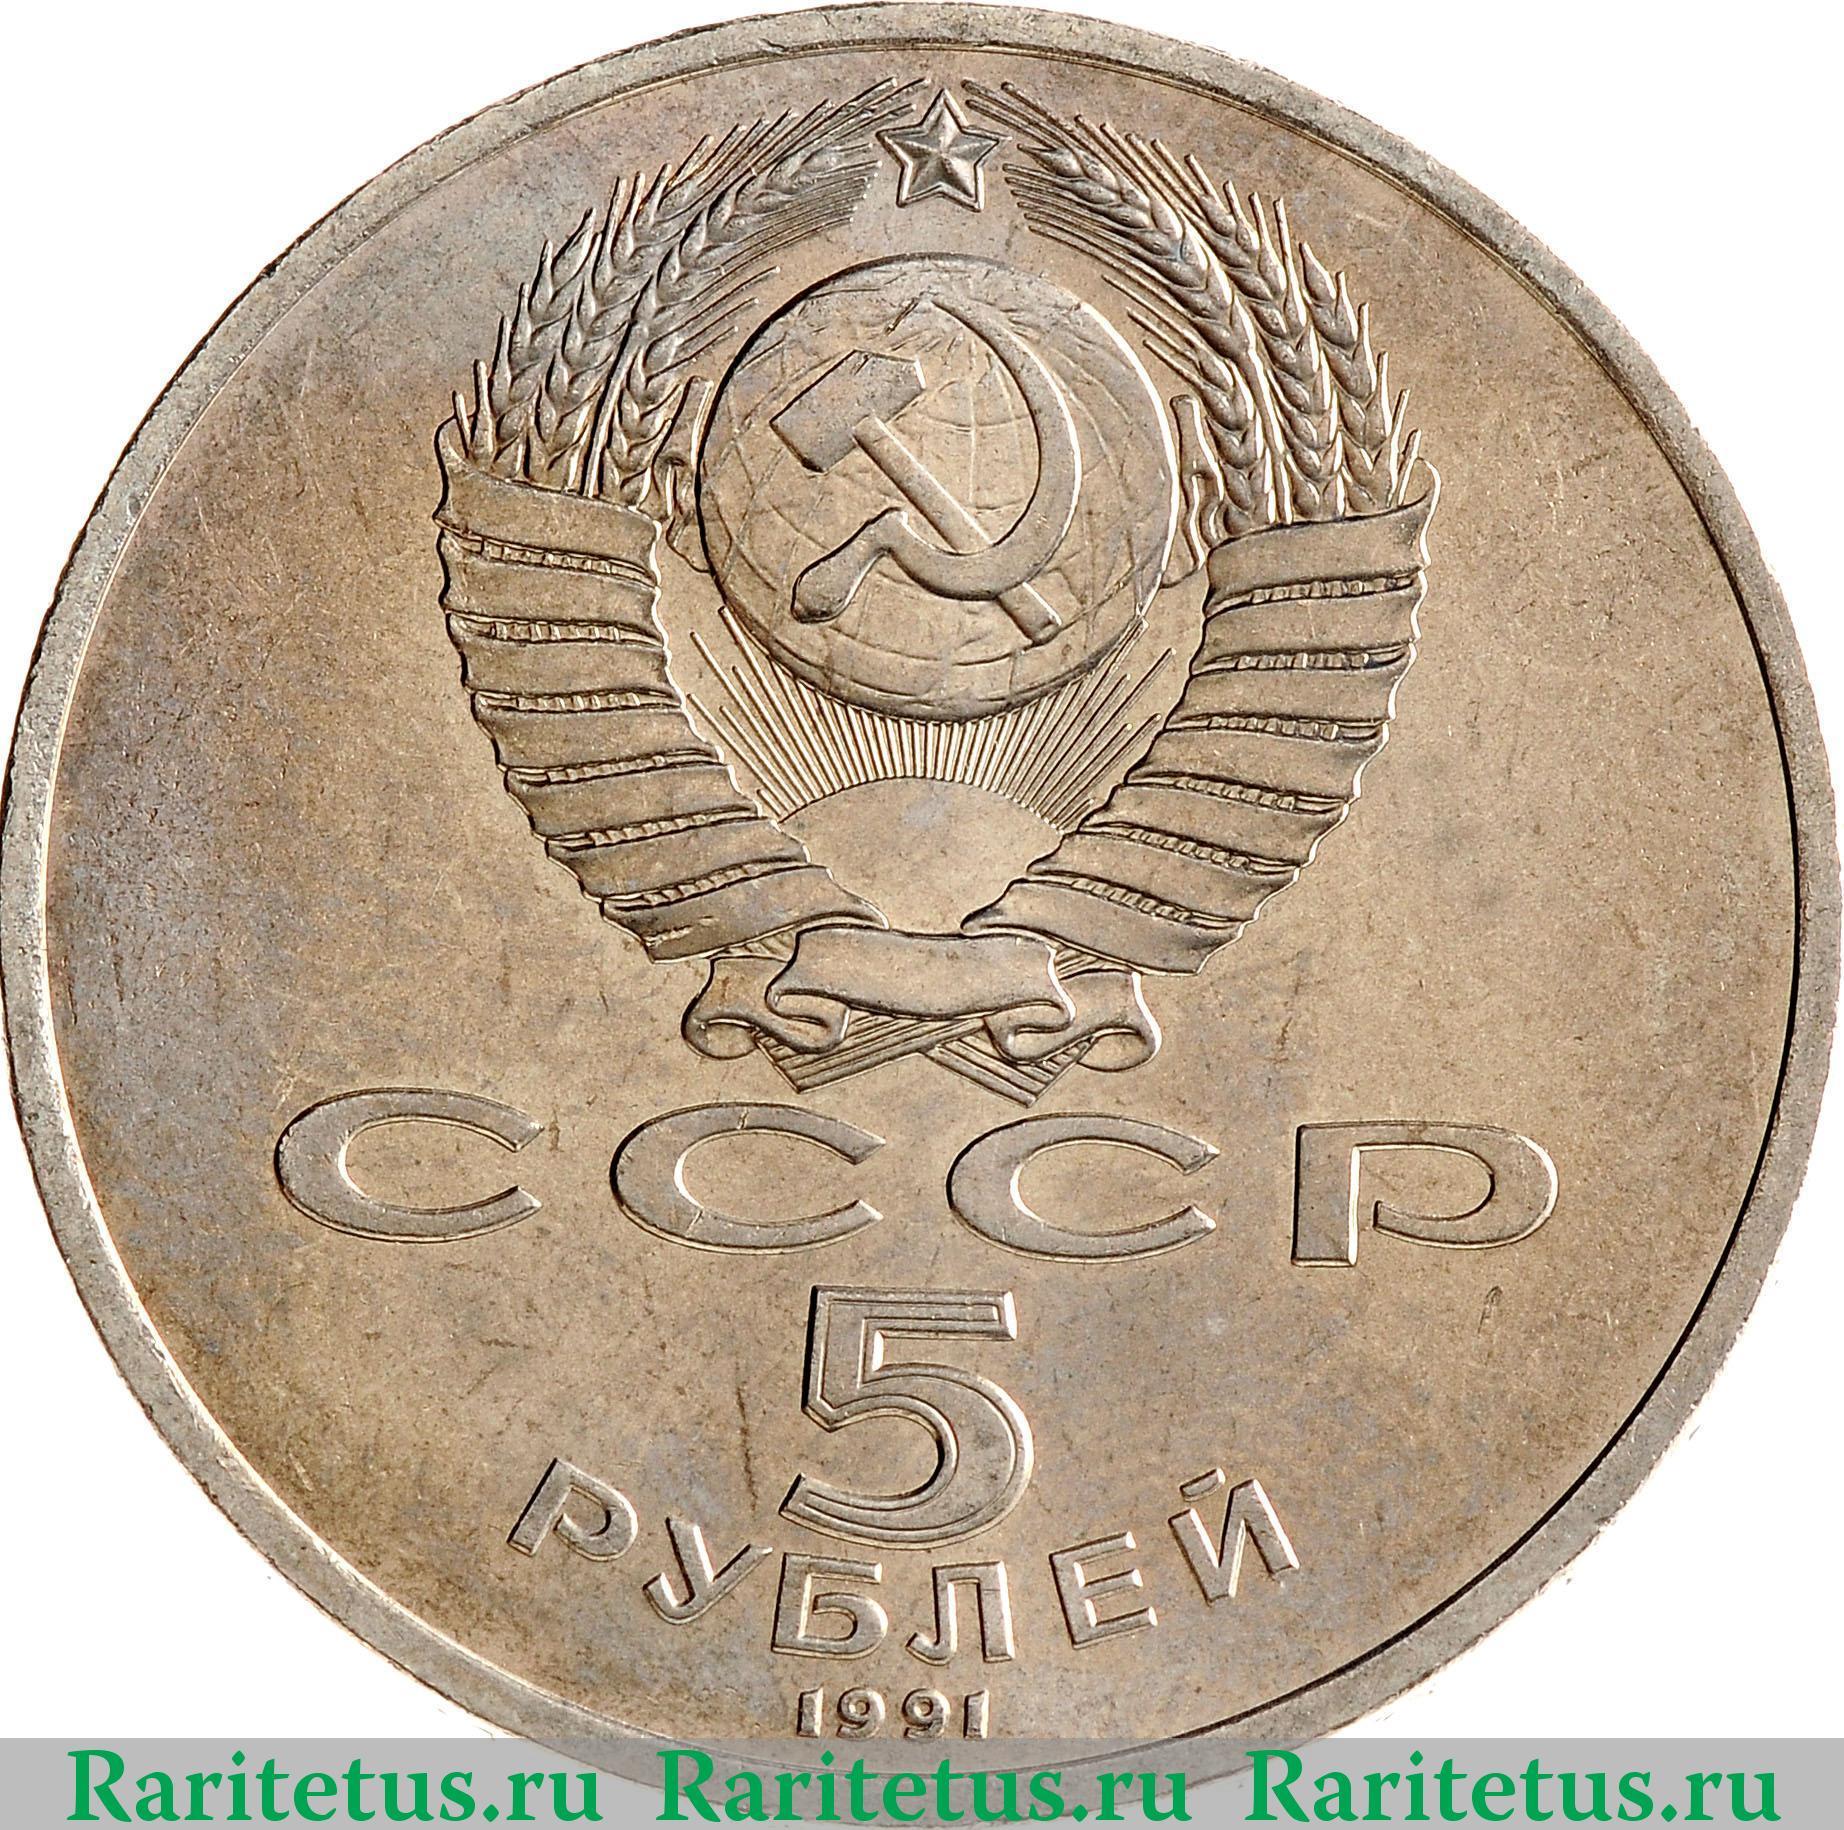 Скупка монет в томске цены альбом для царских монет россии